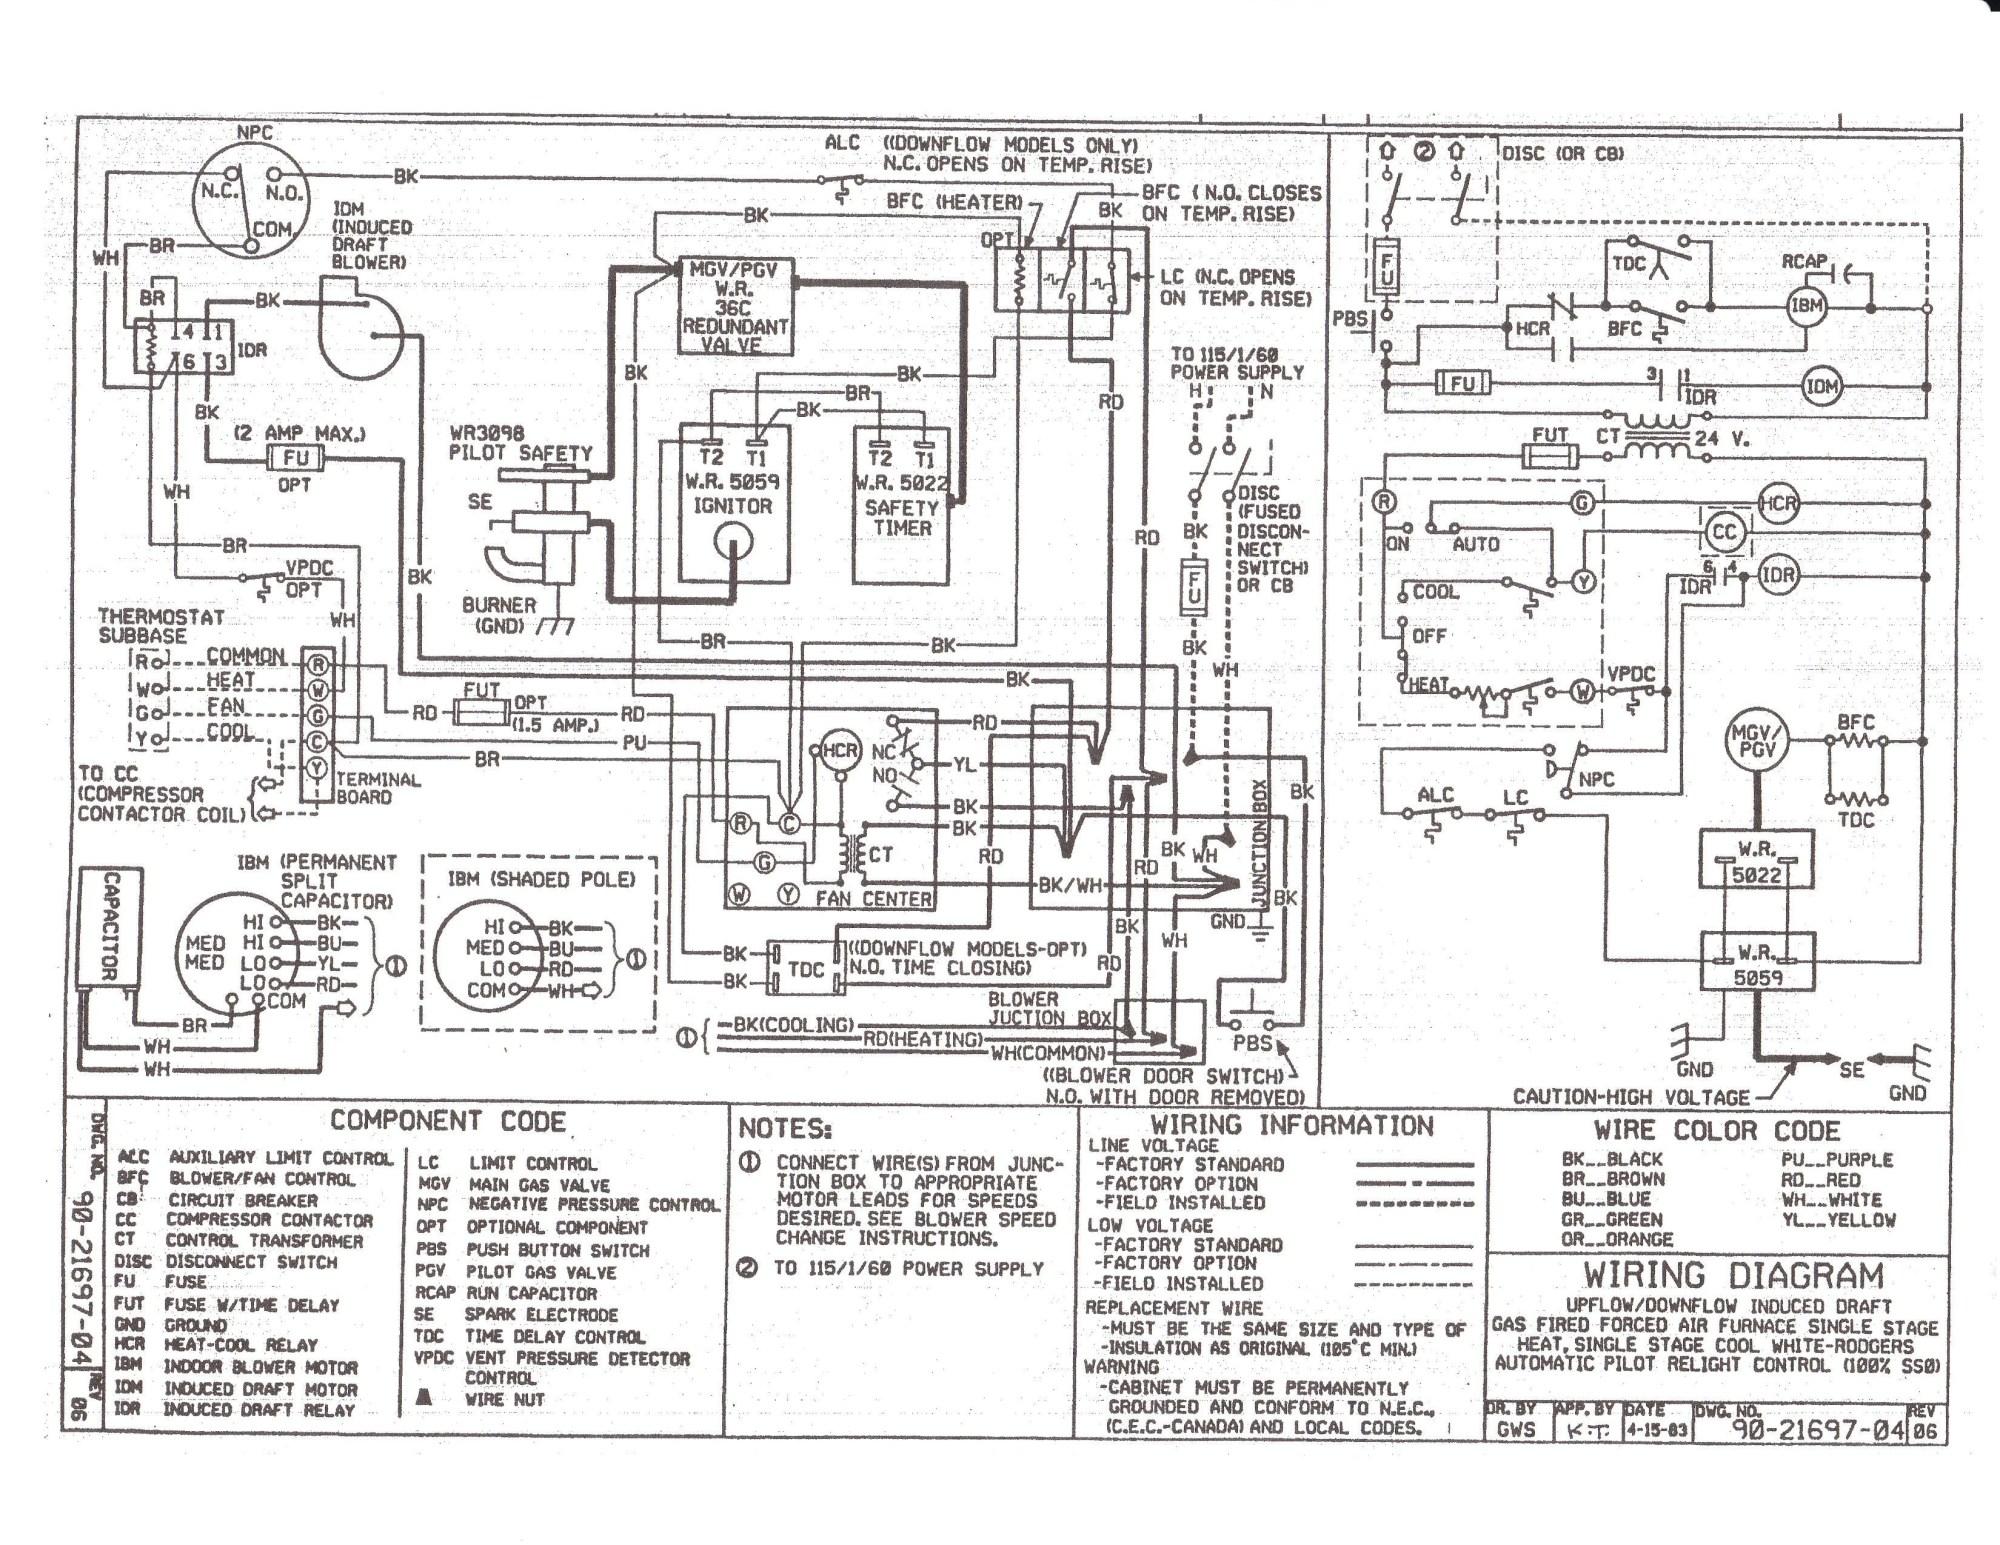 hight resolution of york ac schematics wiring diagram used york ac schematics